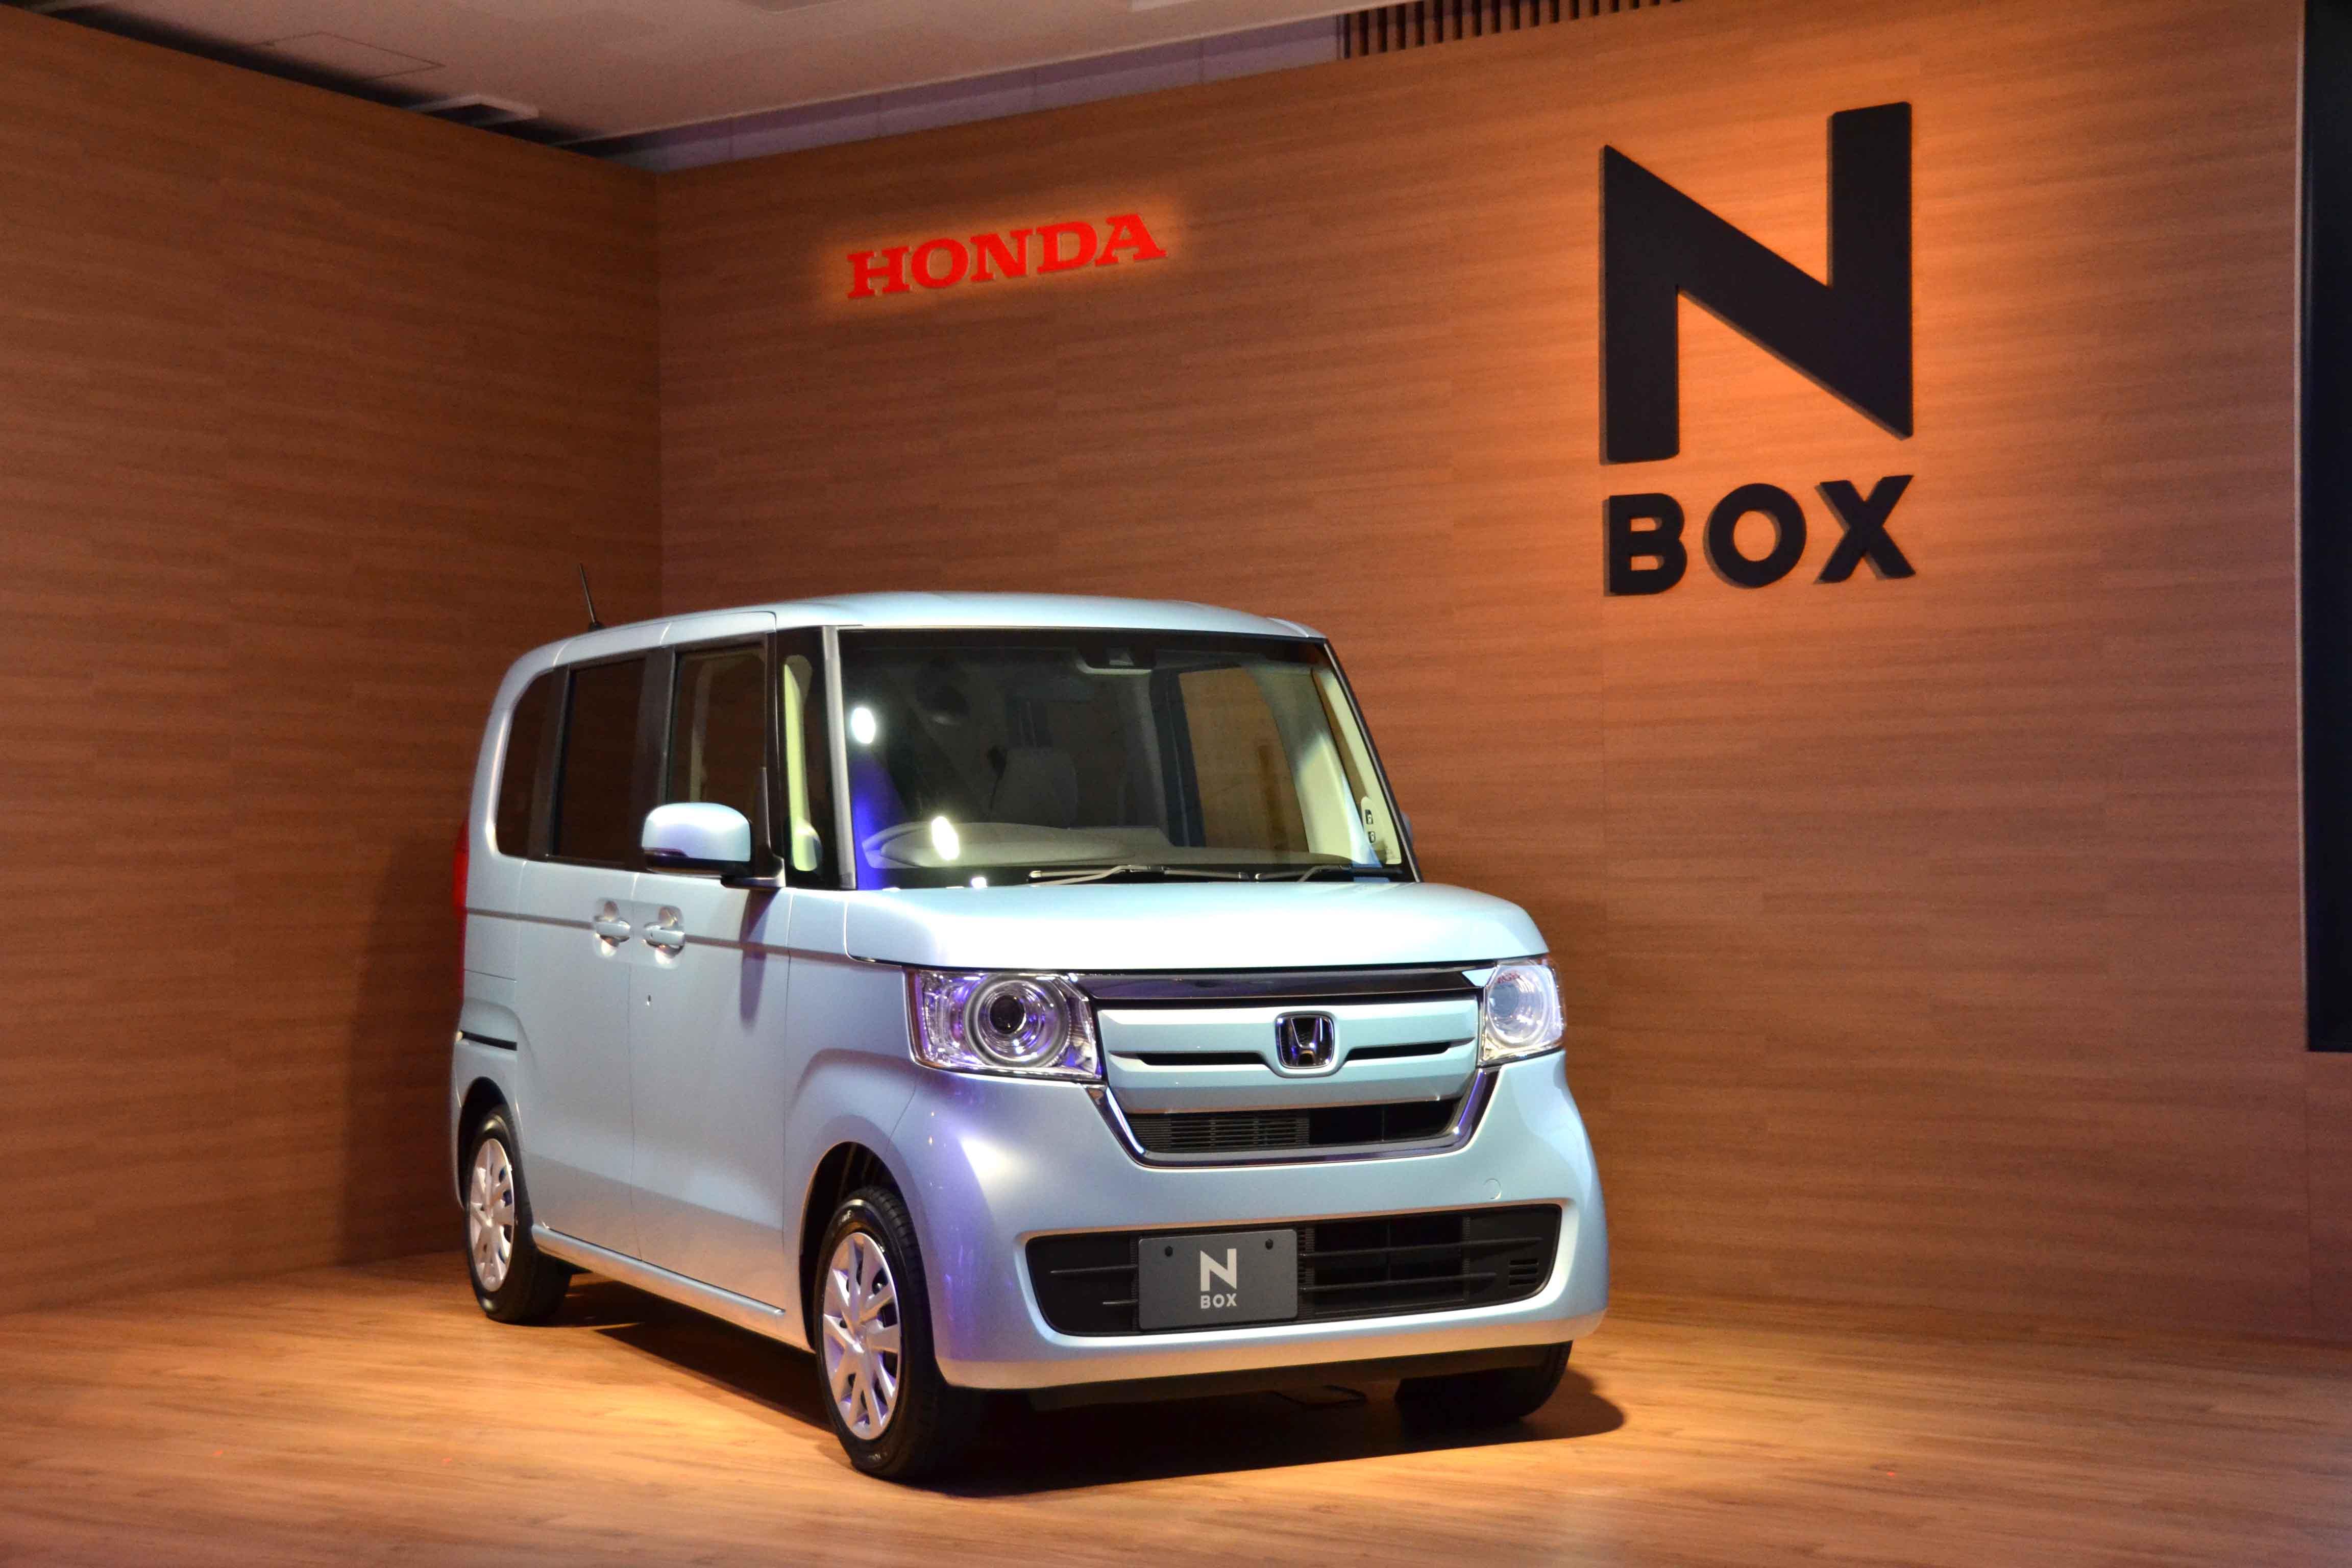 ホンダ、新型N-ボックスの軽量化技術がRJCテクノロジーオブザイヤーを受賞